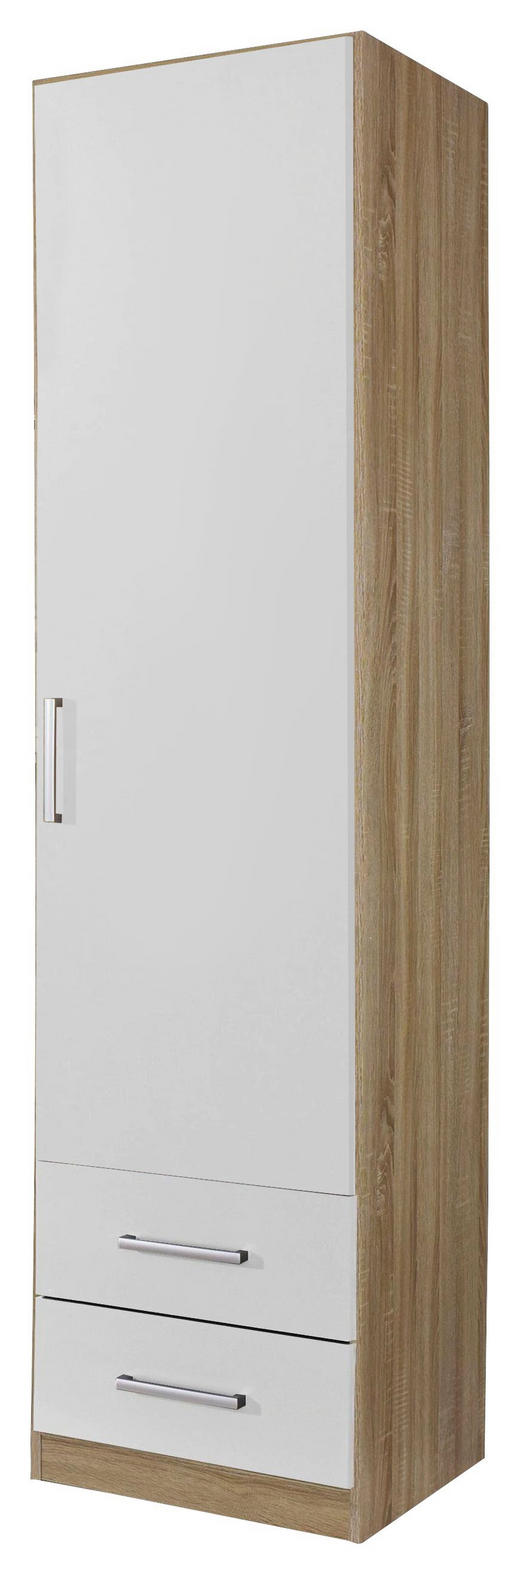 DREHTÜRENSCHRANK 1-türig Eichefarben, Weiß - Eichefarben/Silberfarben, Design, Holzwerkstoff/Kunststoff (47/197/54cm) - Carryhome